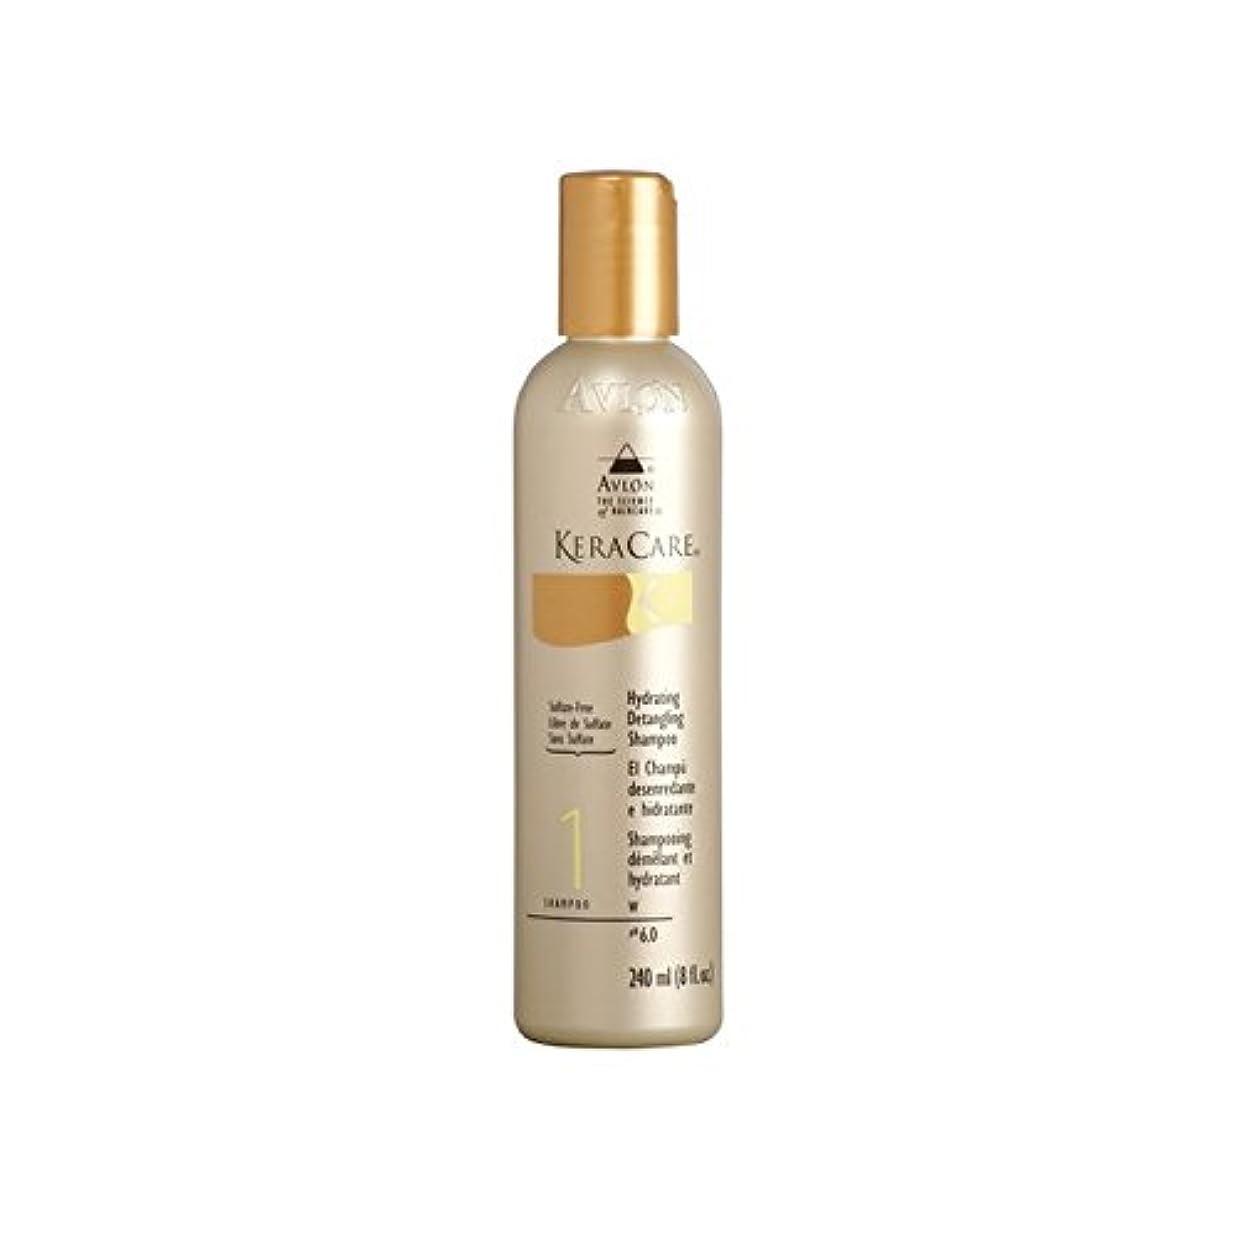 叫び声悔い改めるプレゼンKeracare Hydrating Detangling Shampoo (240ml) - 水和もつれ解除シャンプー(240ミリリットル) [並行輸入品]